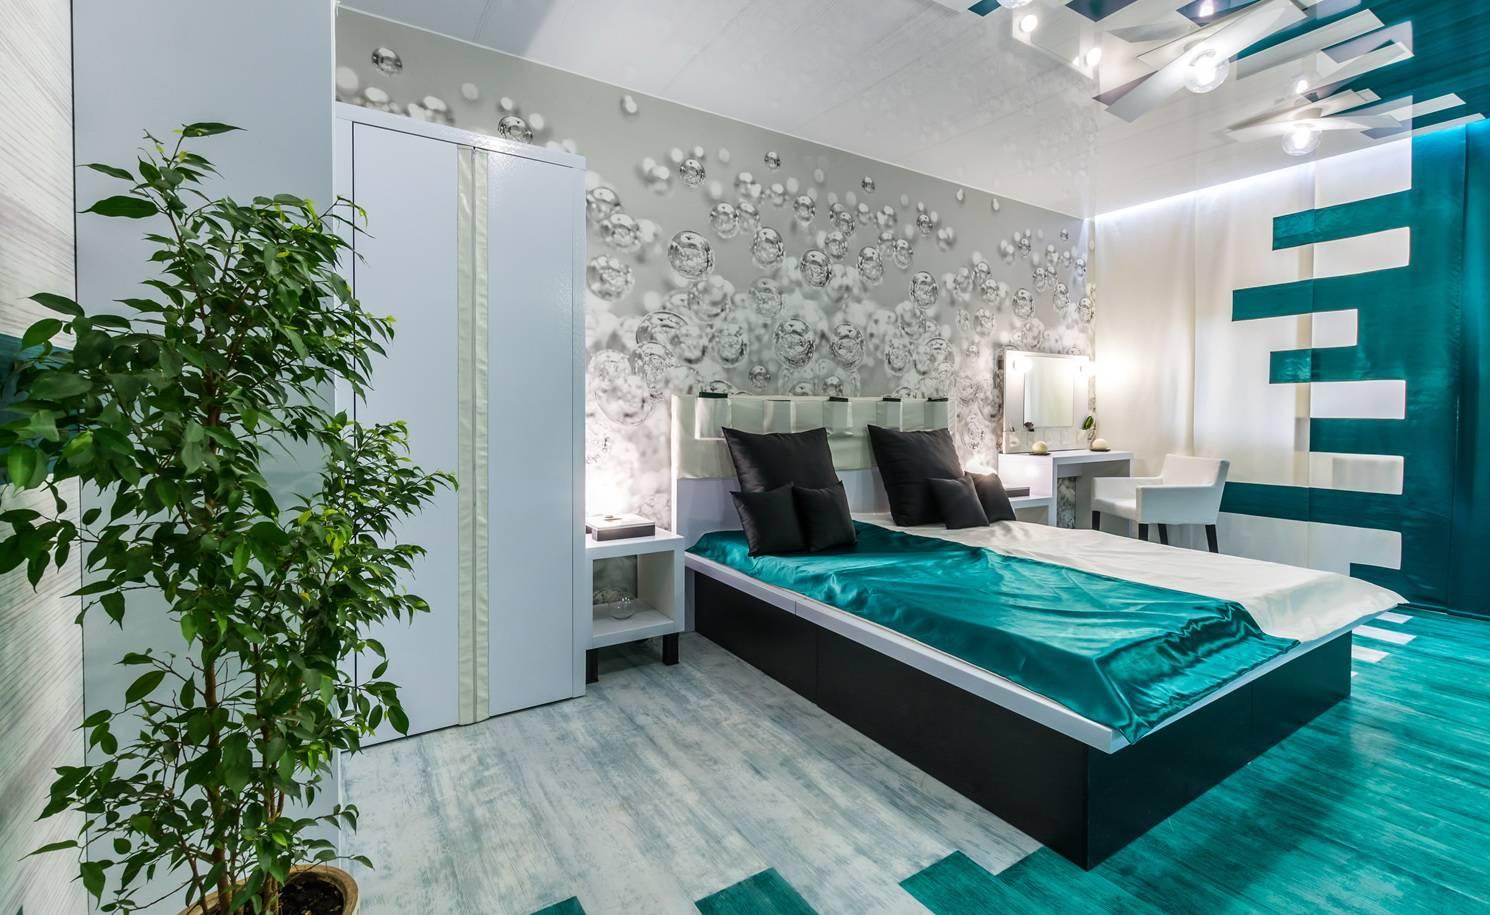 Интерьеры спален: фото просто и со вкусом, интересные идеи для дизайна